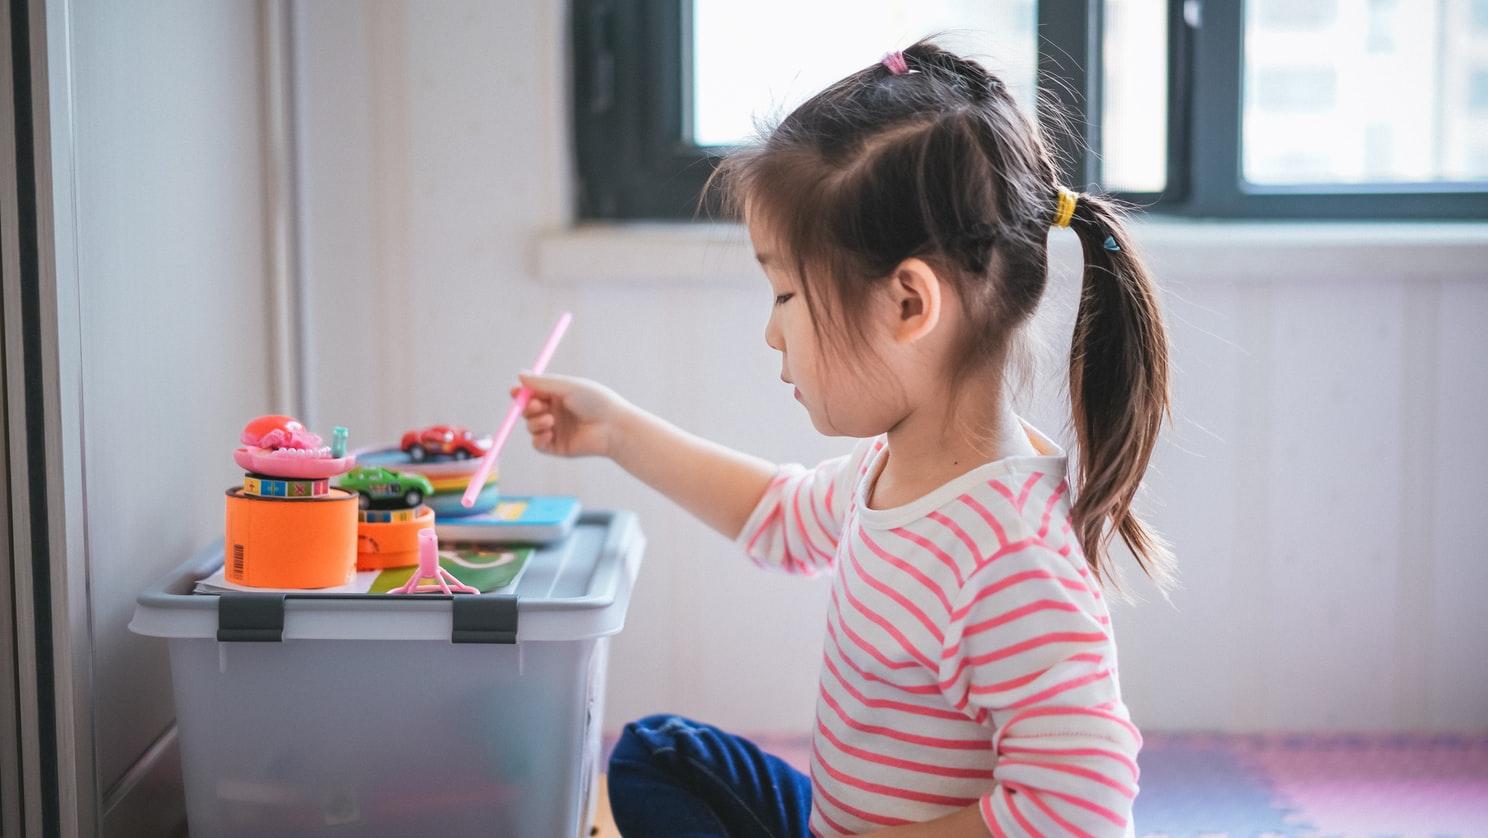 """给""""星星的孩子""""更多关怀 专家谈儿童孤独症:科学干预 客观看待"""